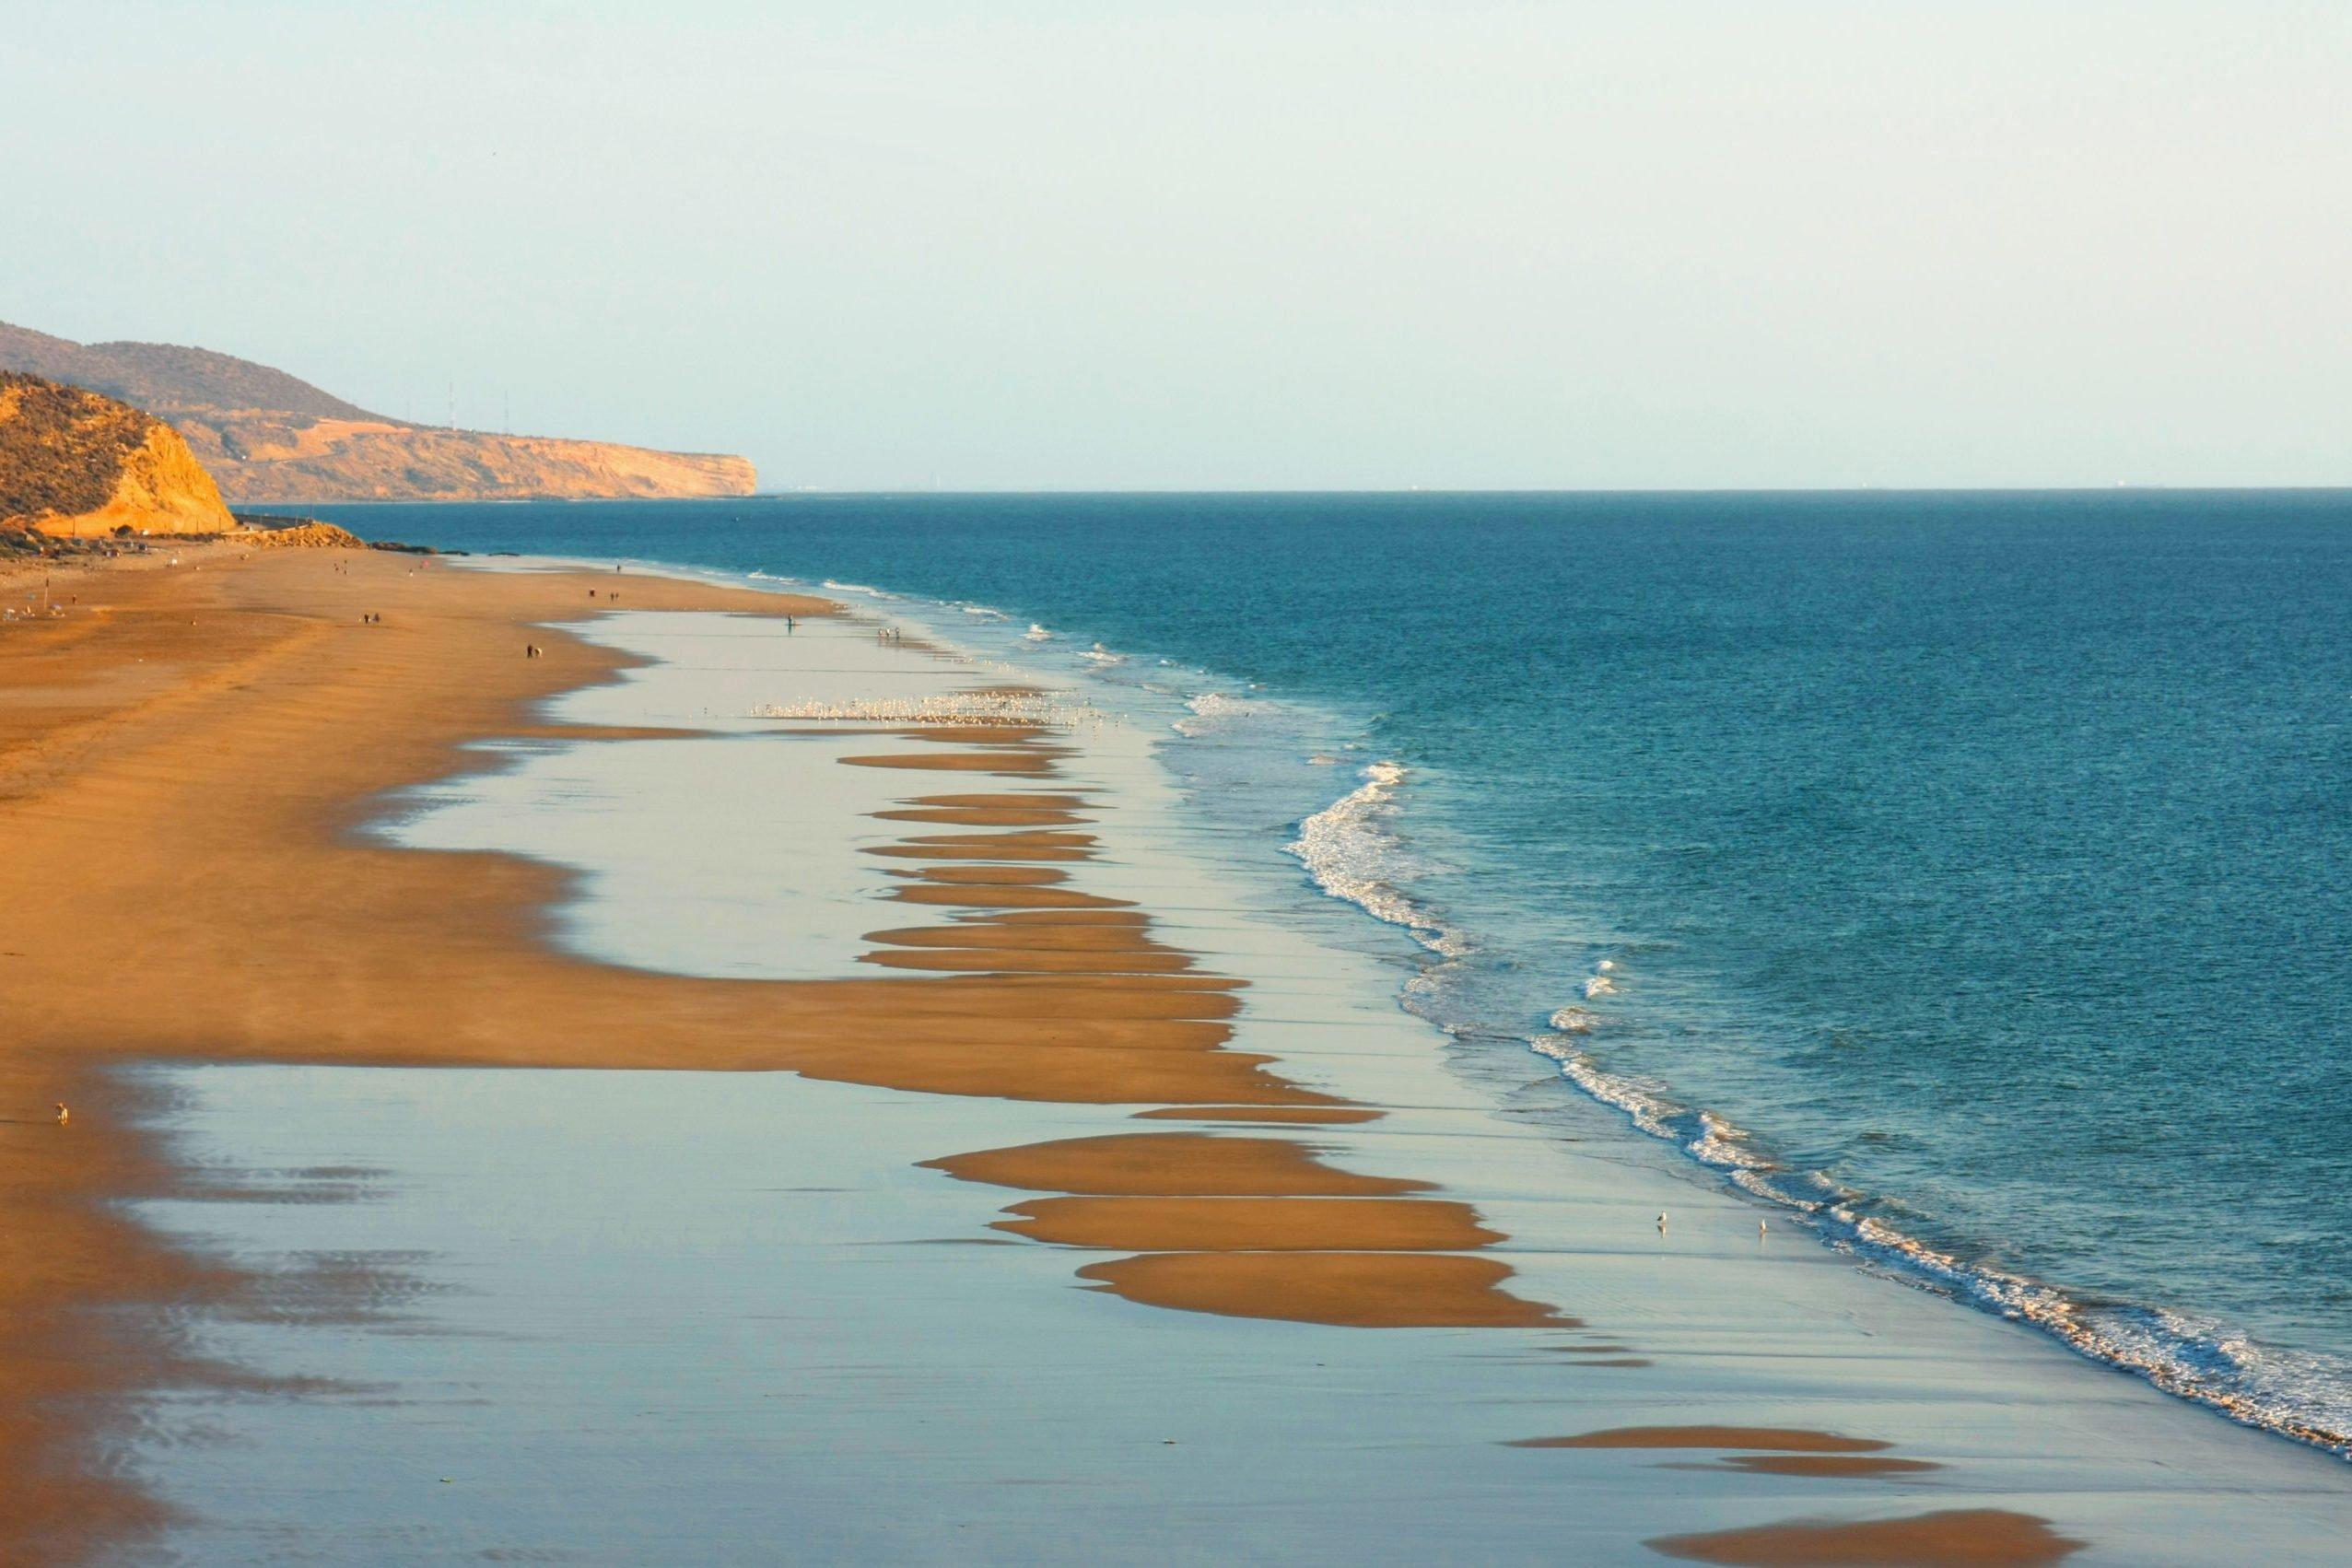 Atlantic Ocean coast, Essaouira Coastal landscape, Morocco.